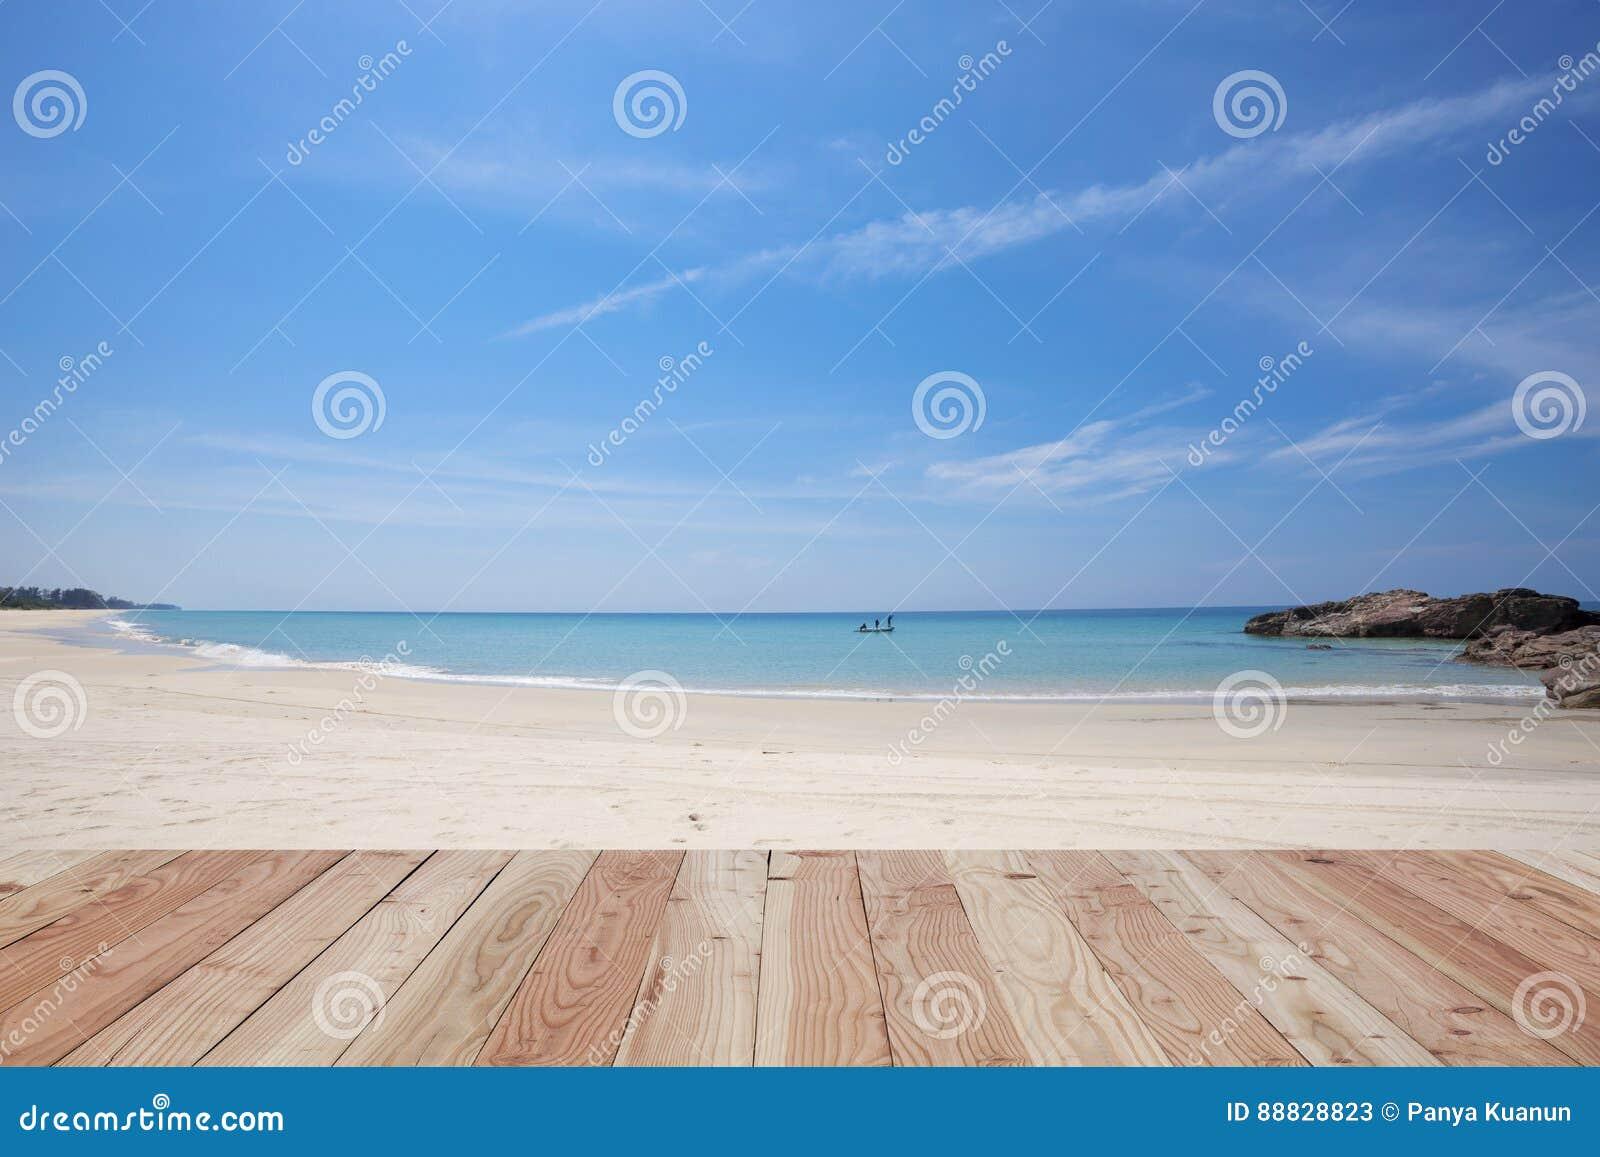 Pavimento di legno sulla bella sabbia e mare spiaggia tropicale in